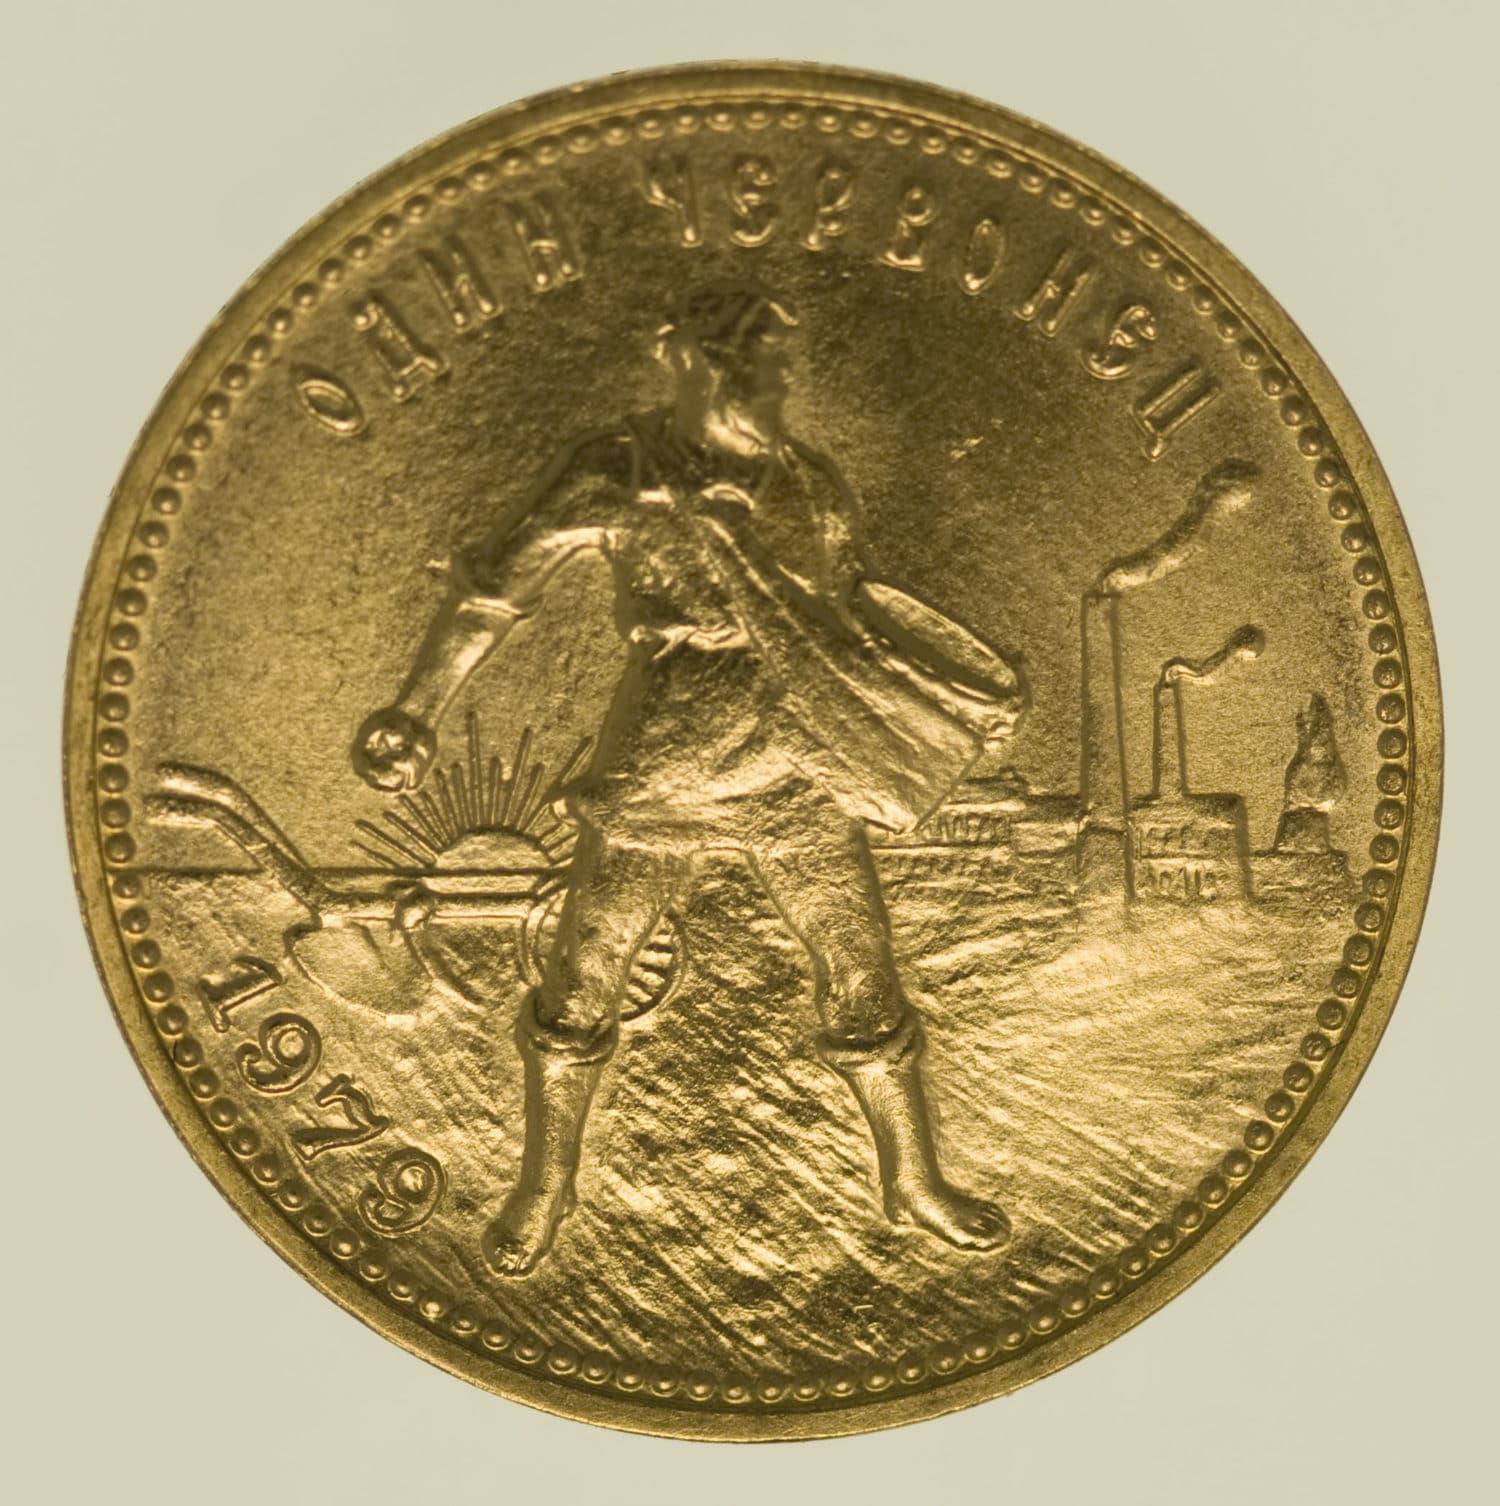 russland - Russland 10 Rubel Tscherwonez 1979 MMD